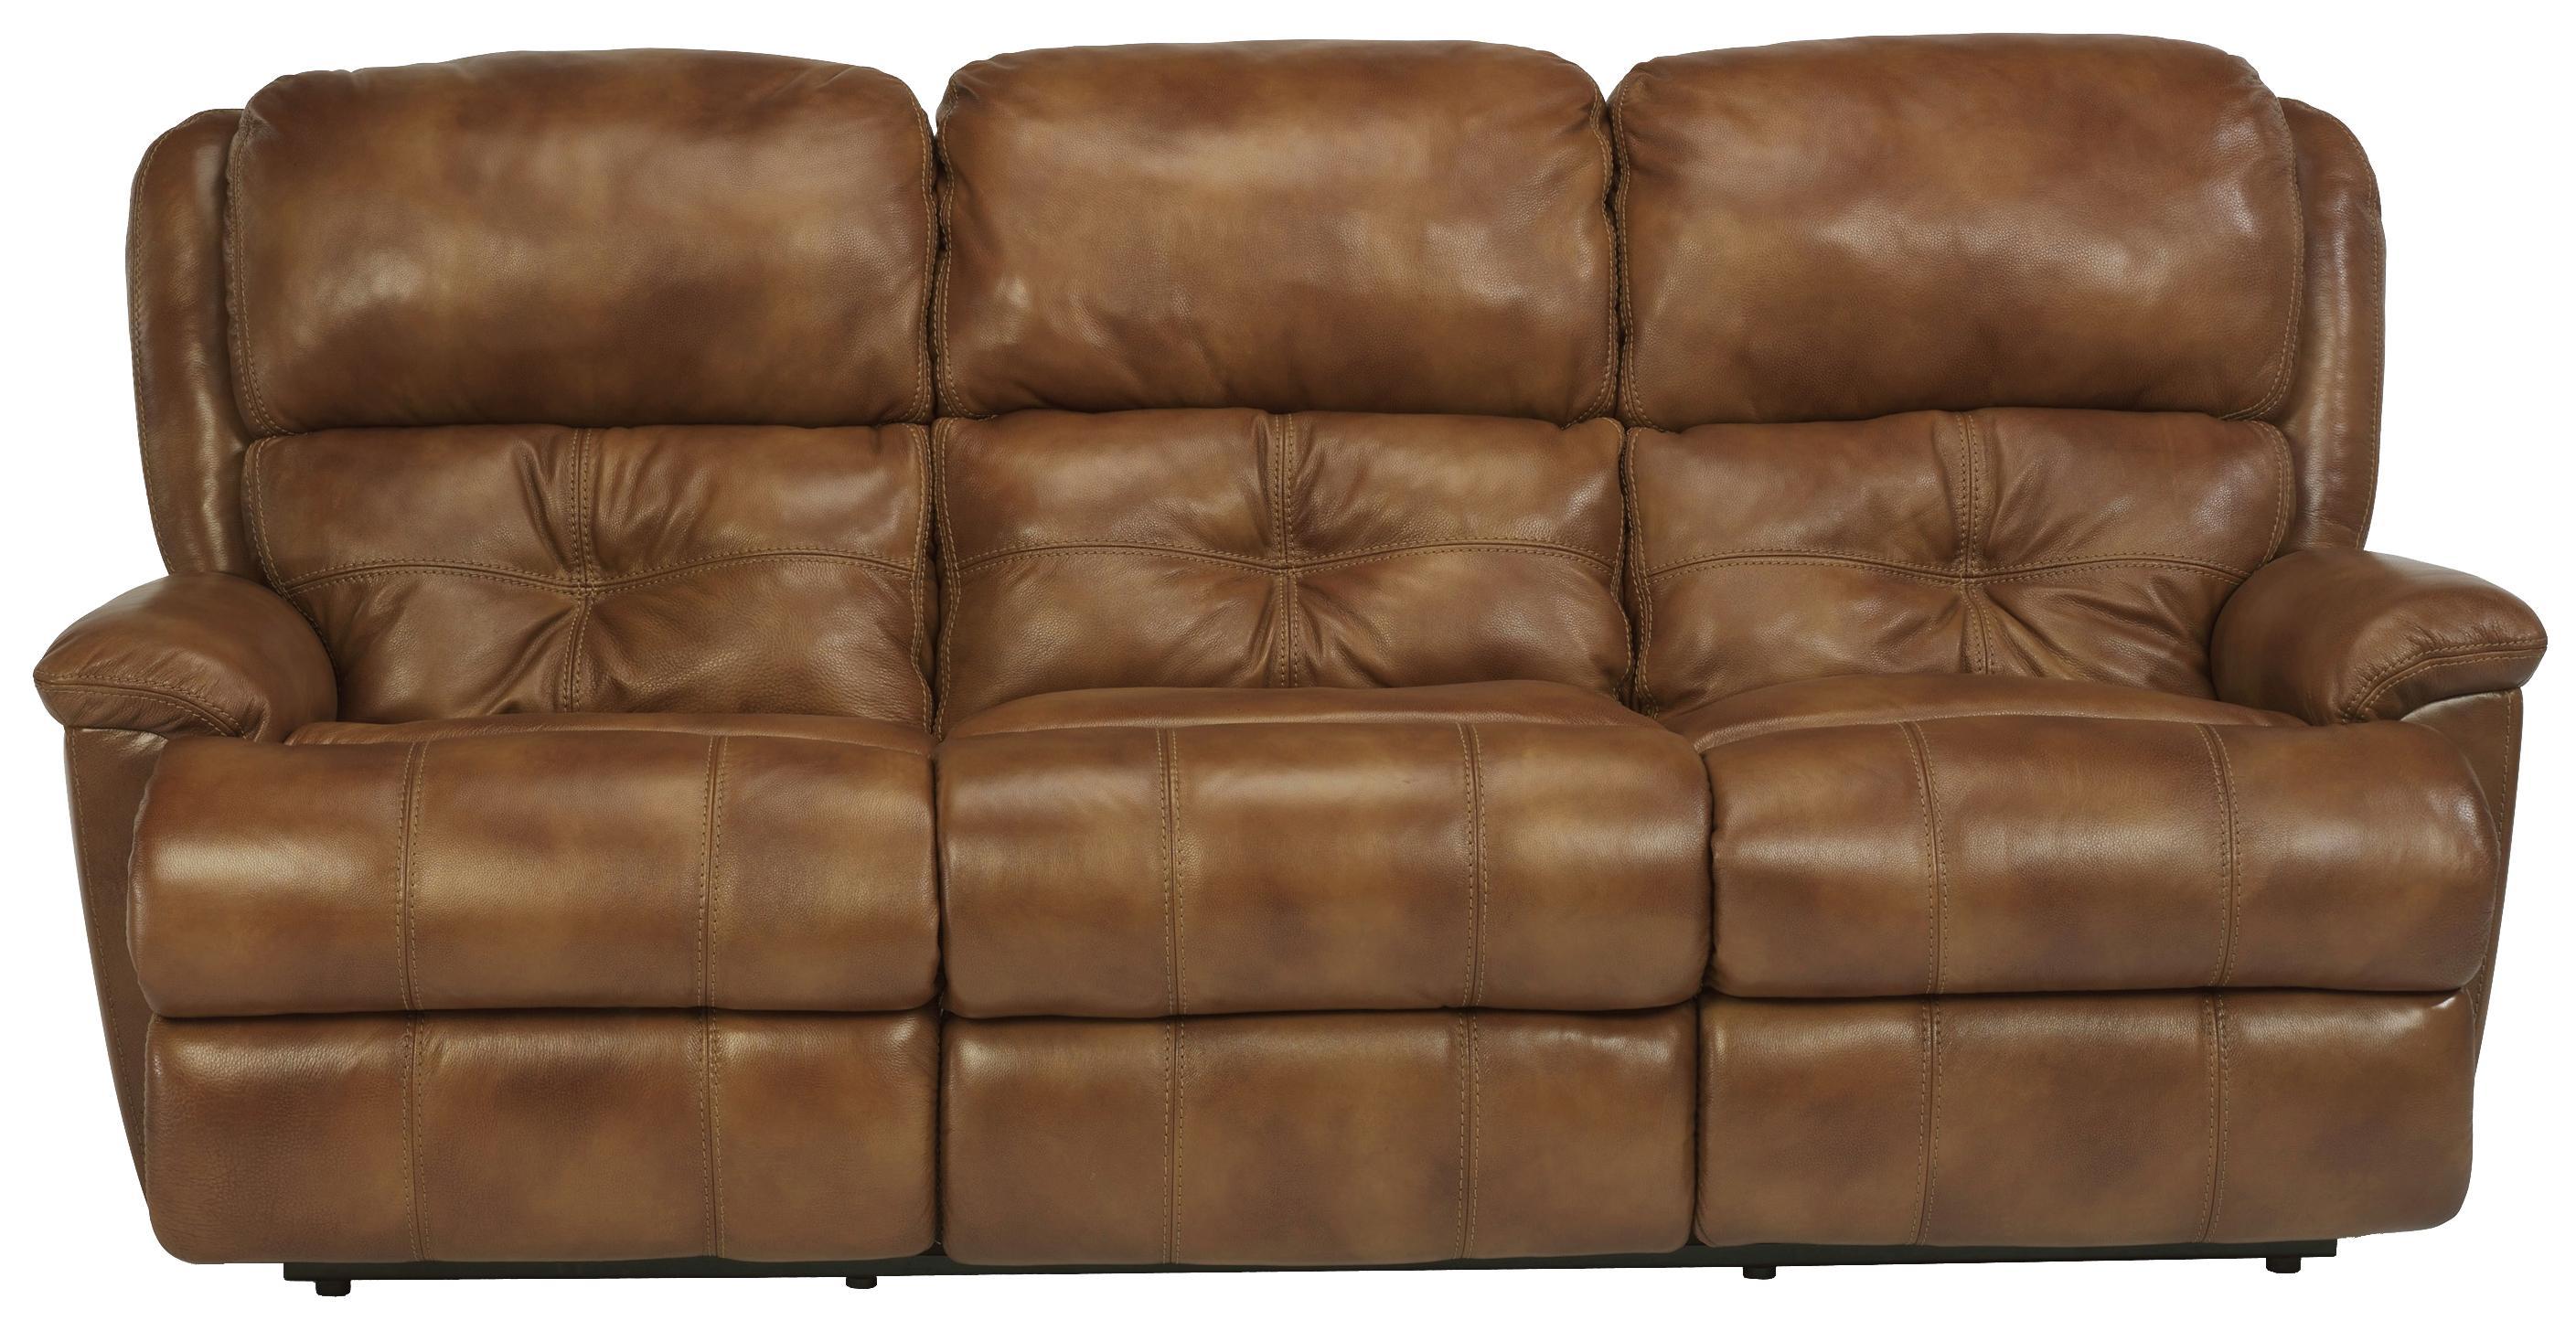 Flexsteel Latitudes - Cruise Control Power Reclining Sofa - Item Number: 1226-62P